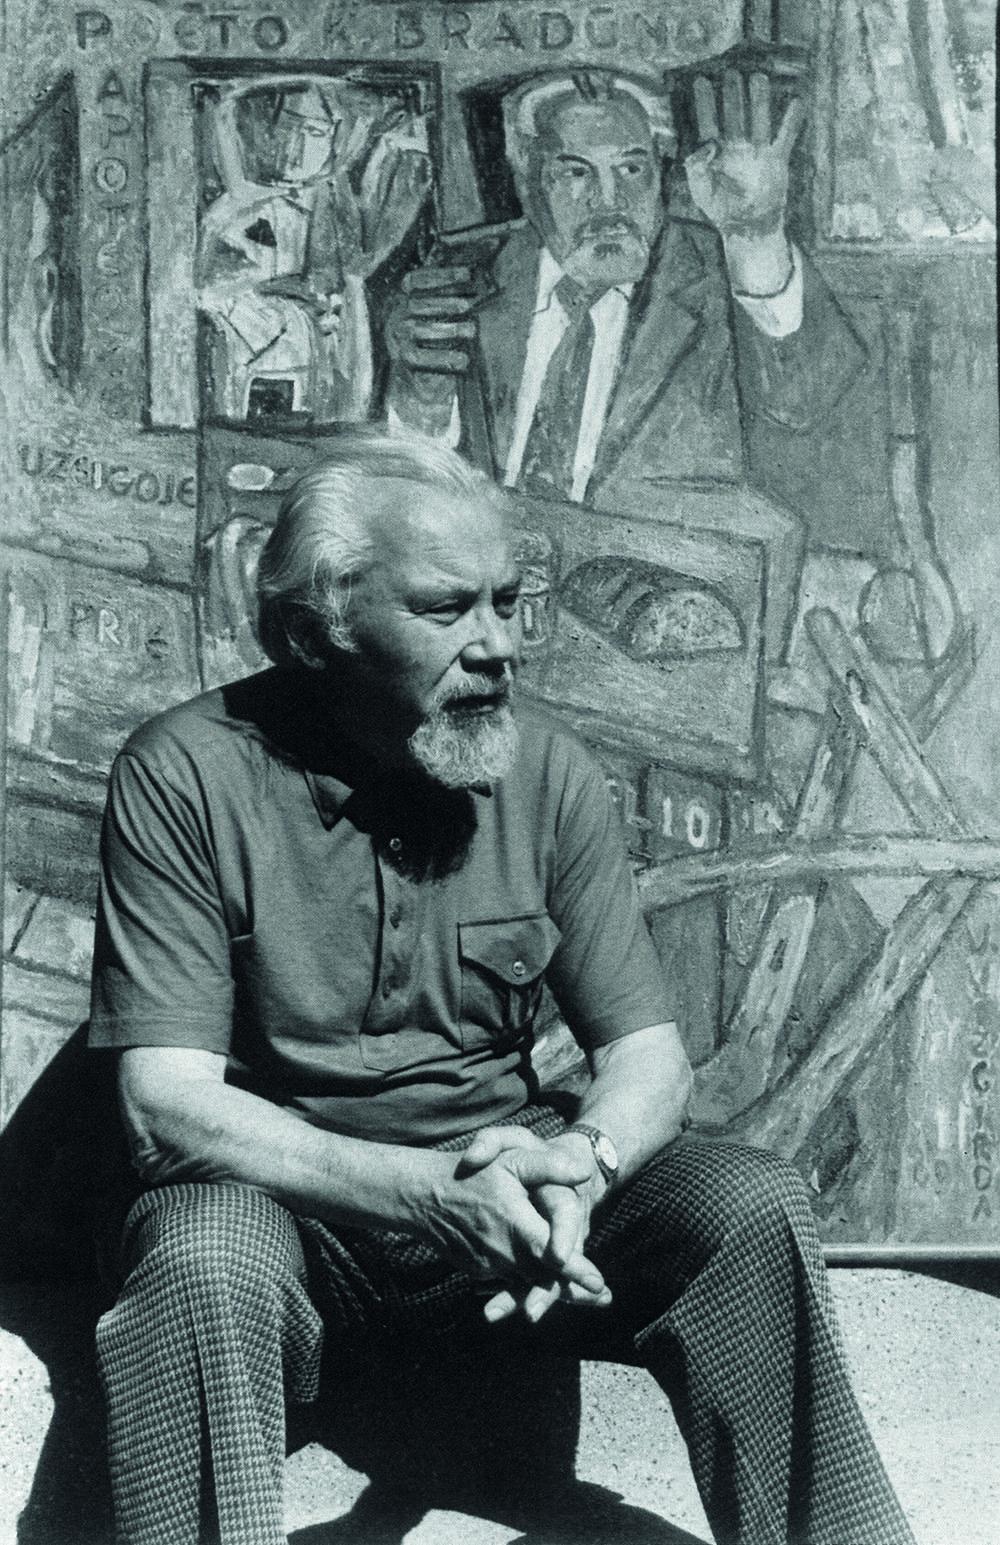 K. Bradūnas prie V. Vizgirdos tapyto portreto   Apie1983 Ieimos archyvo nuotr.